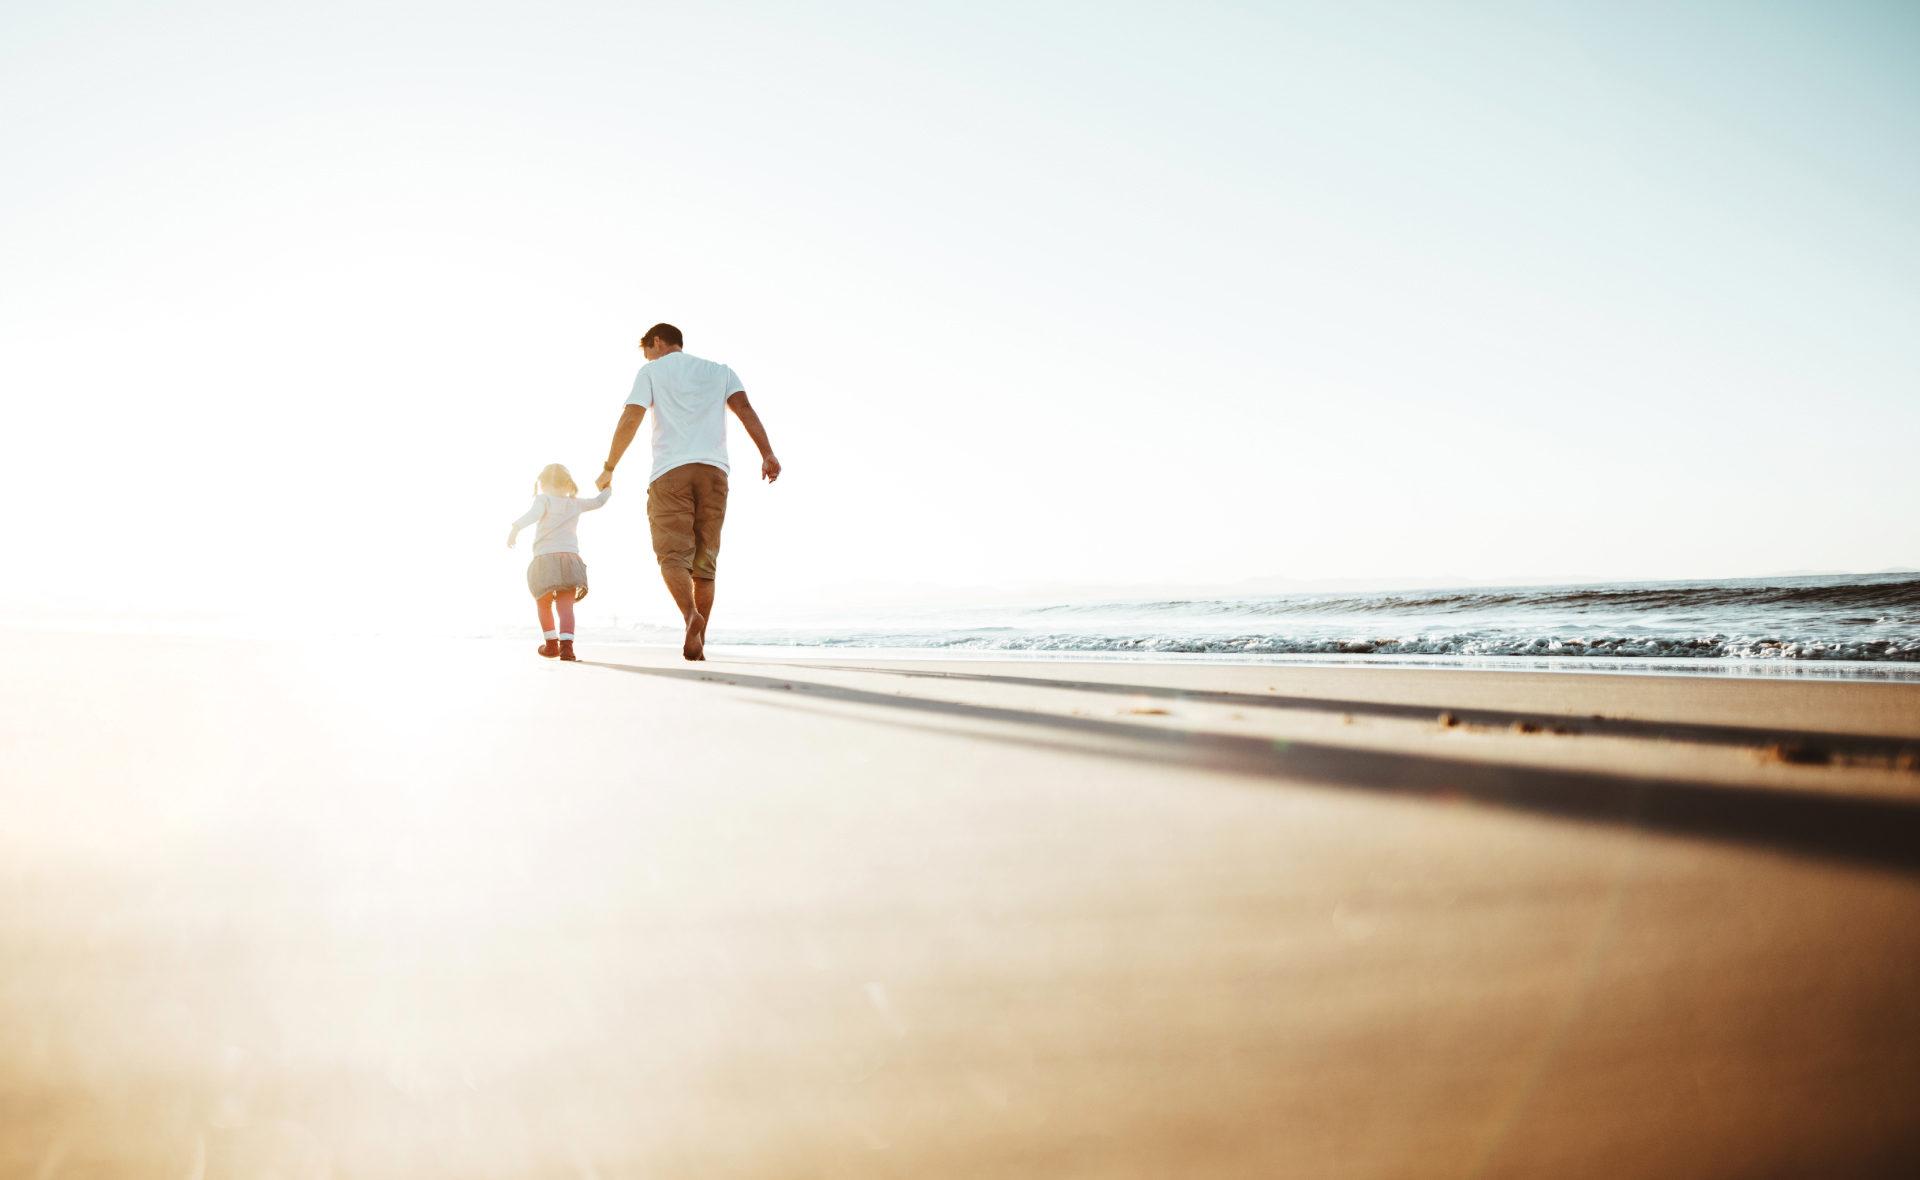 préstamo-personal-sostenible-padre-hijo-familia-mar